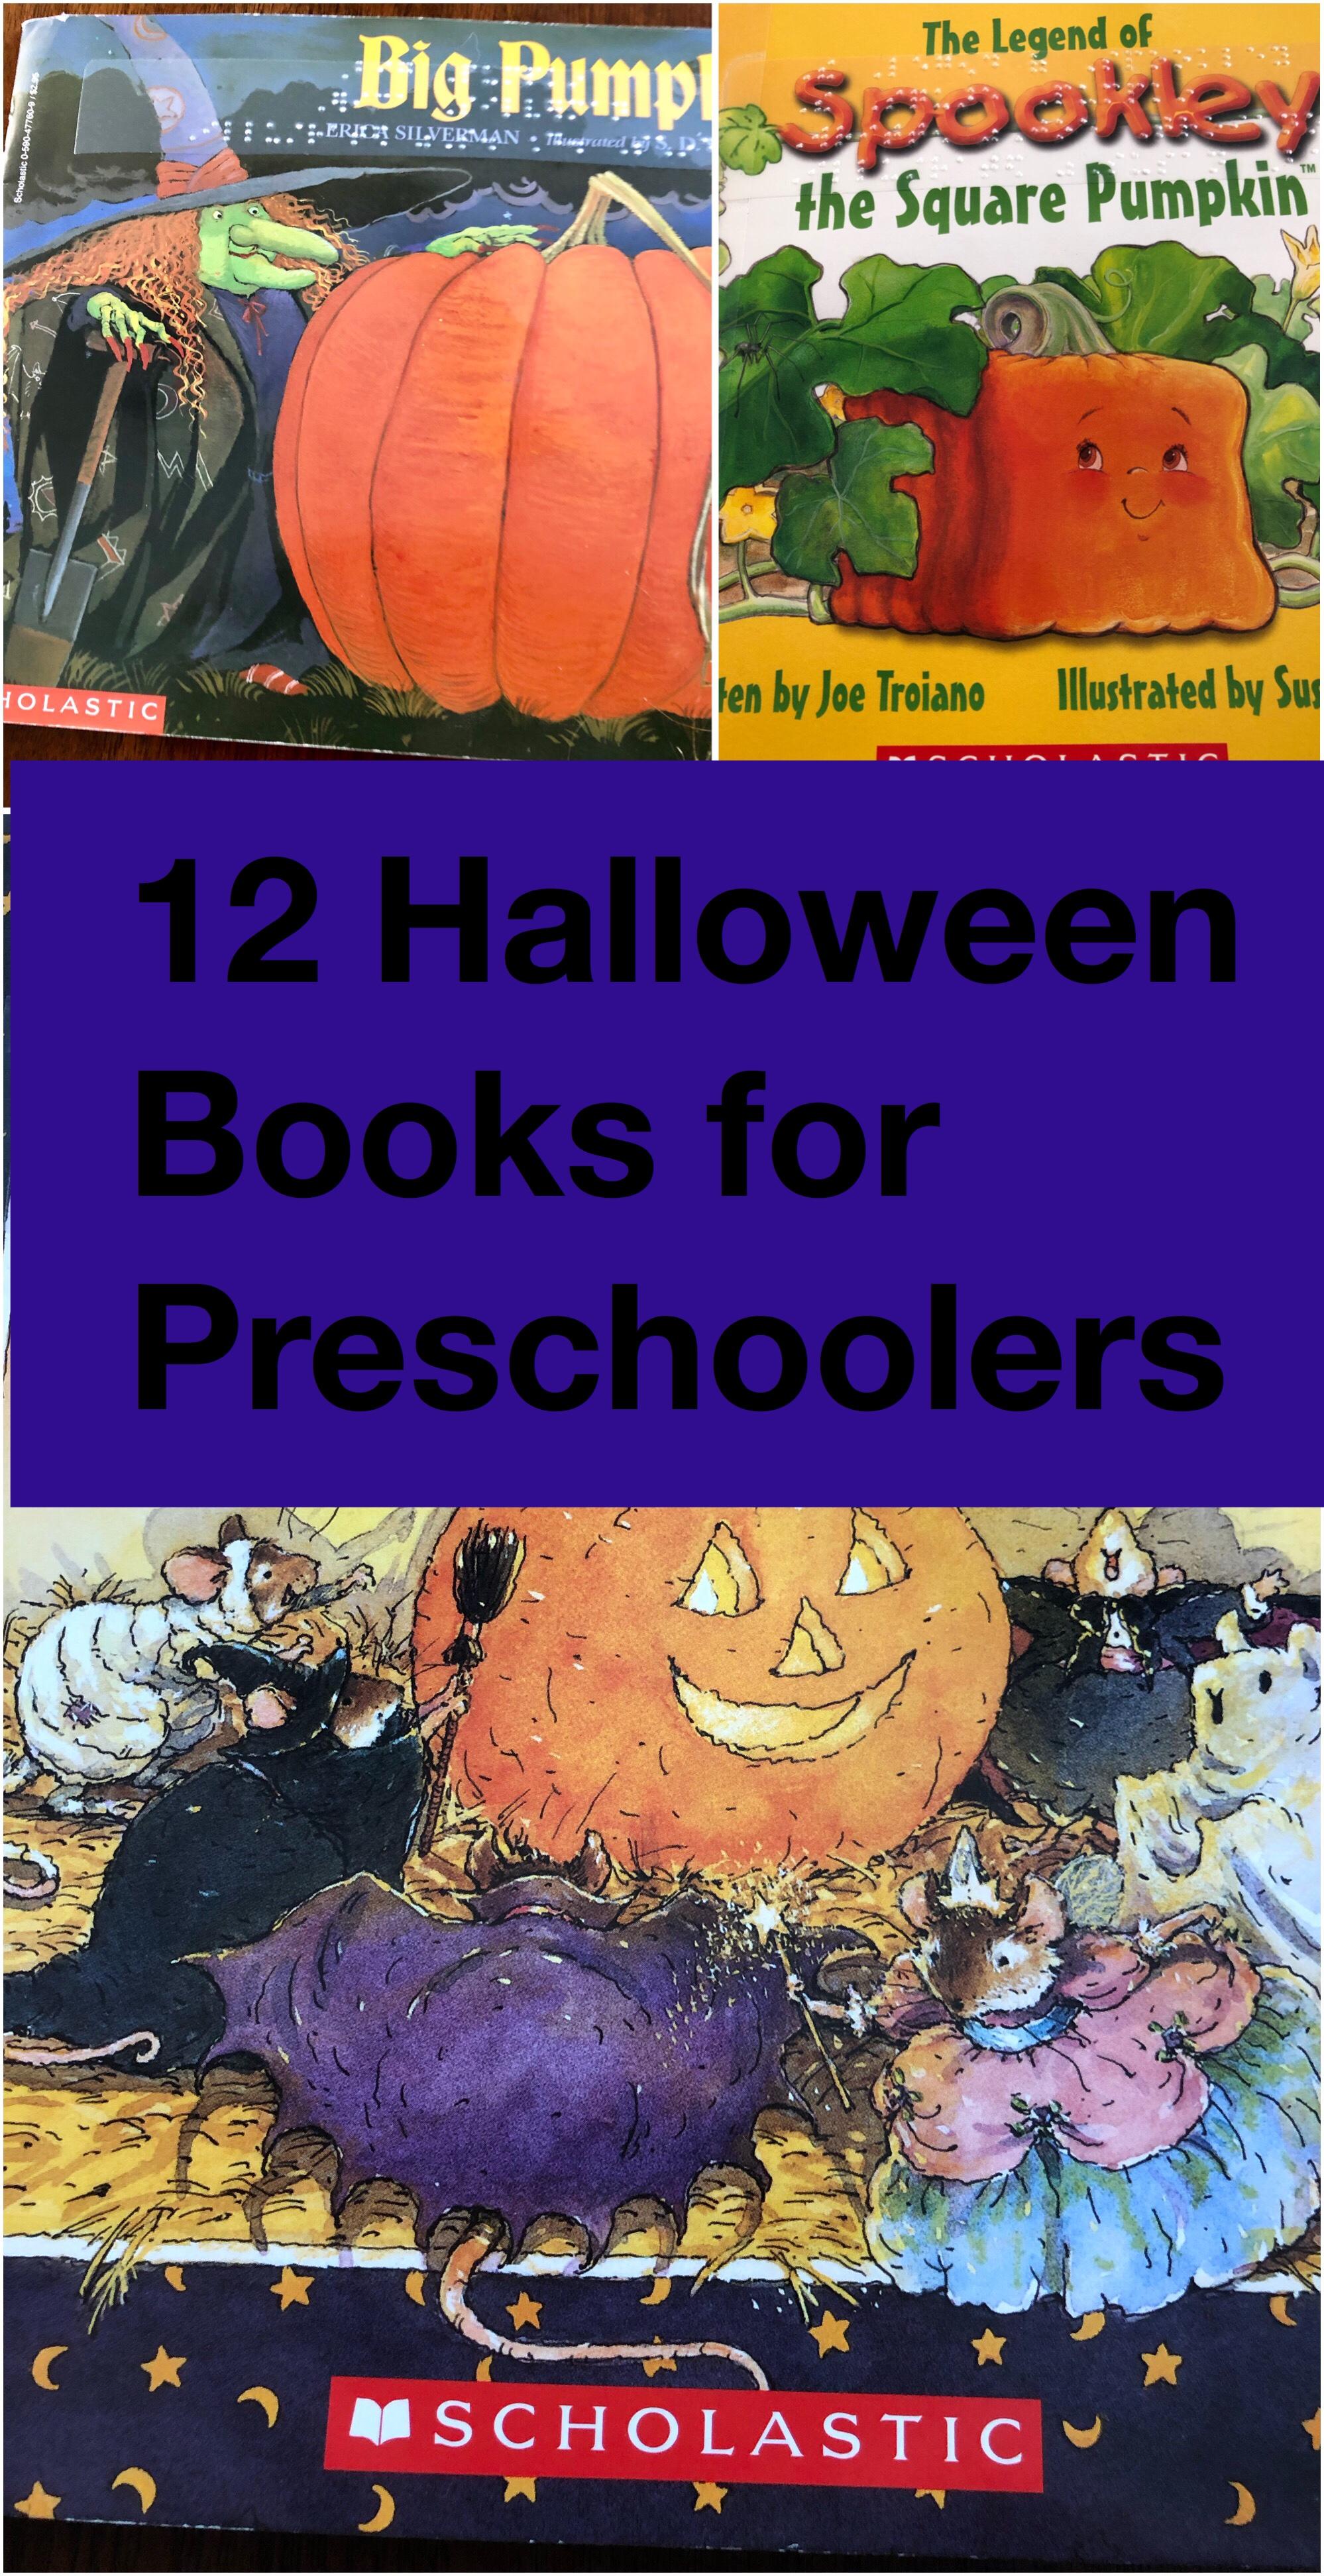 12 Halloween books for preschoolers pin